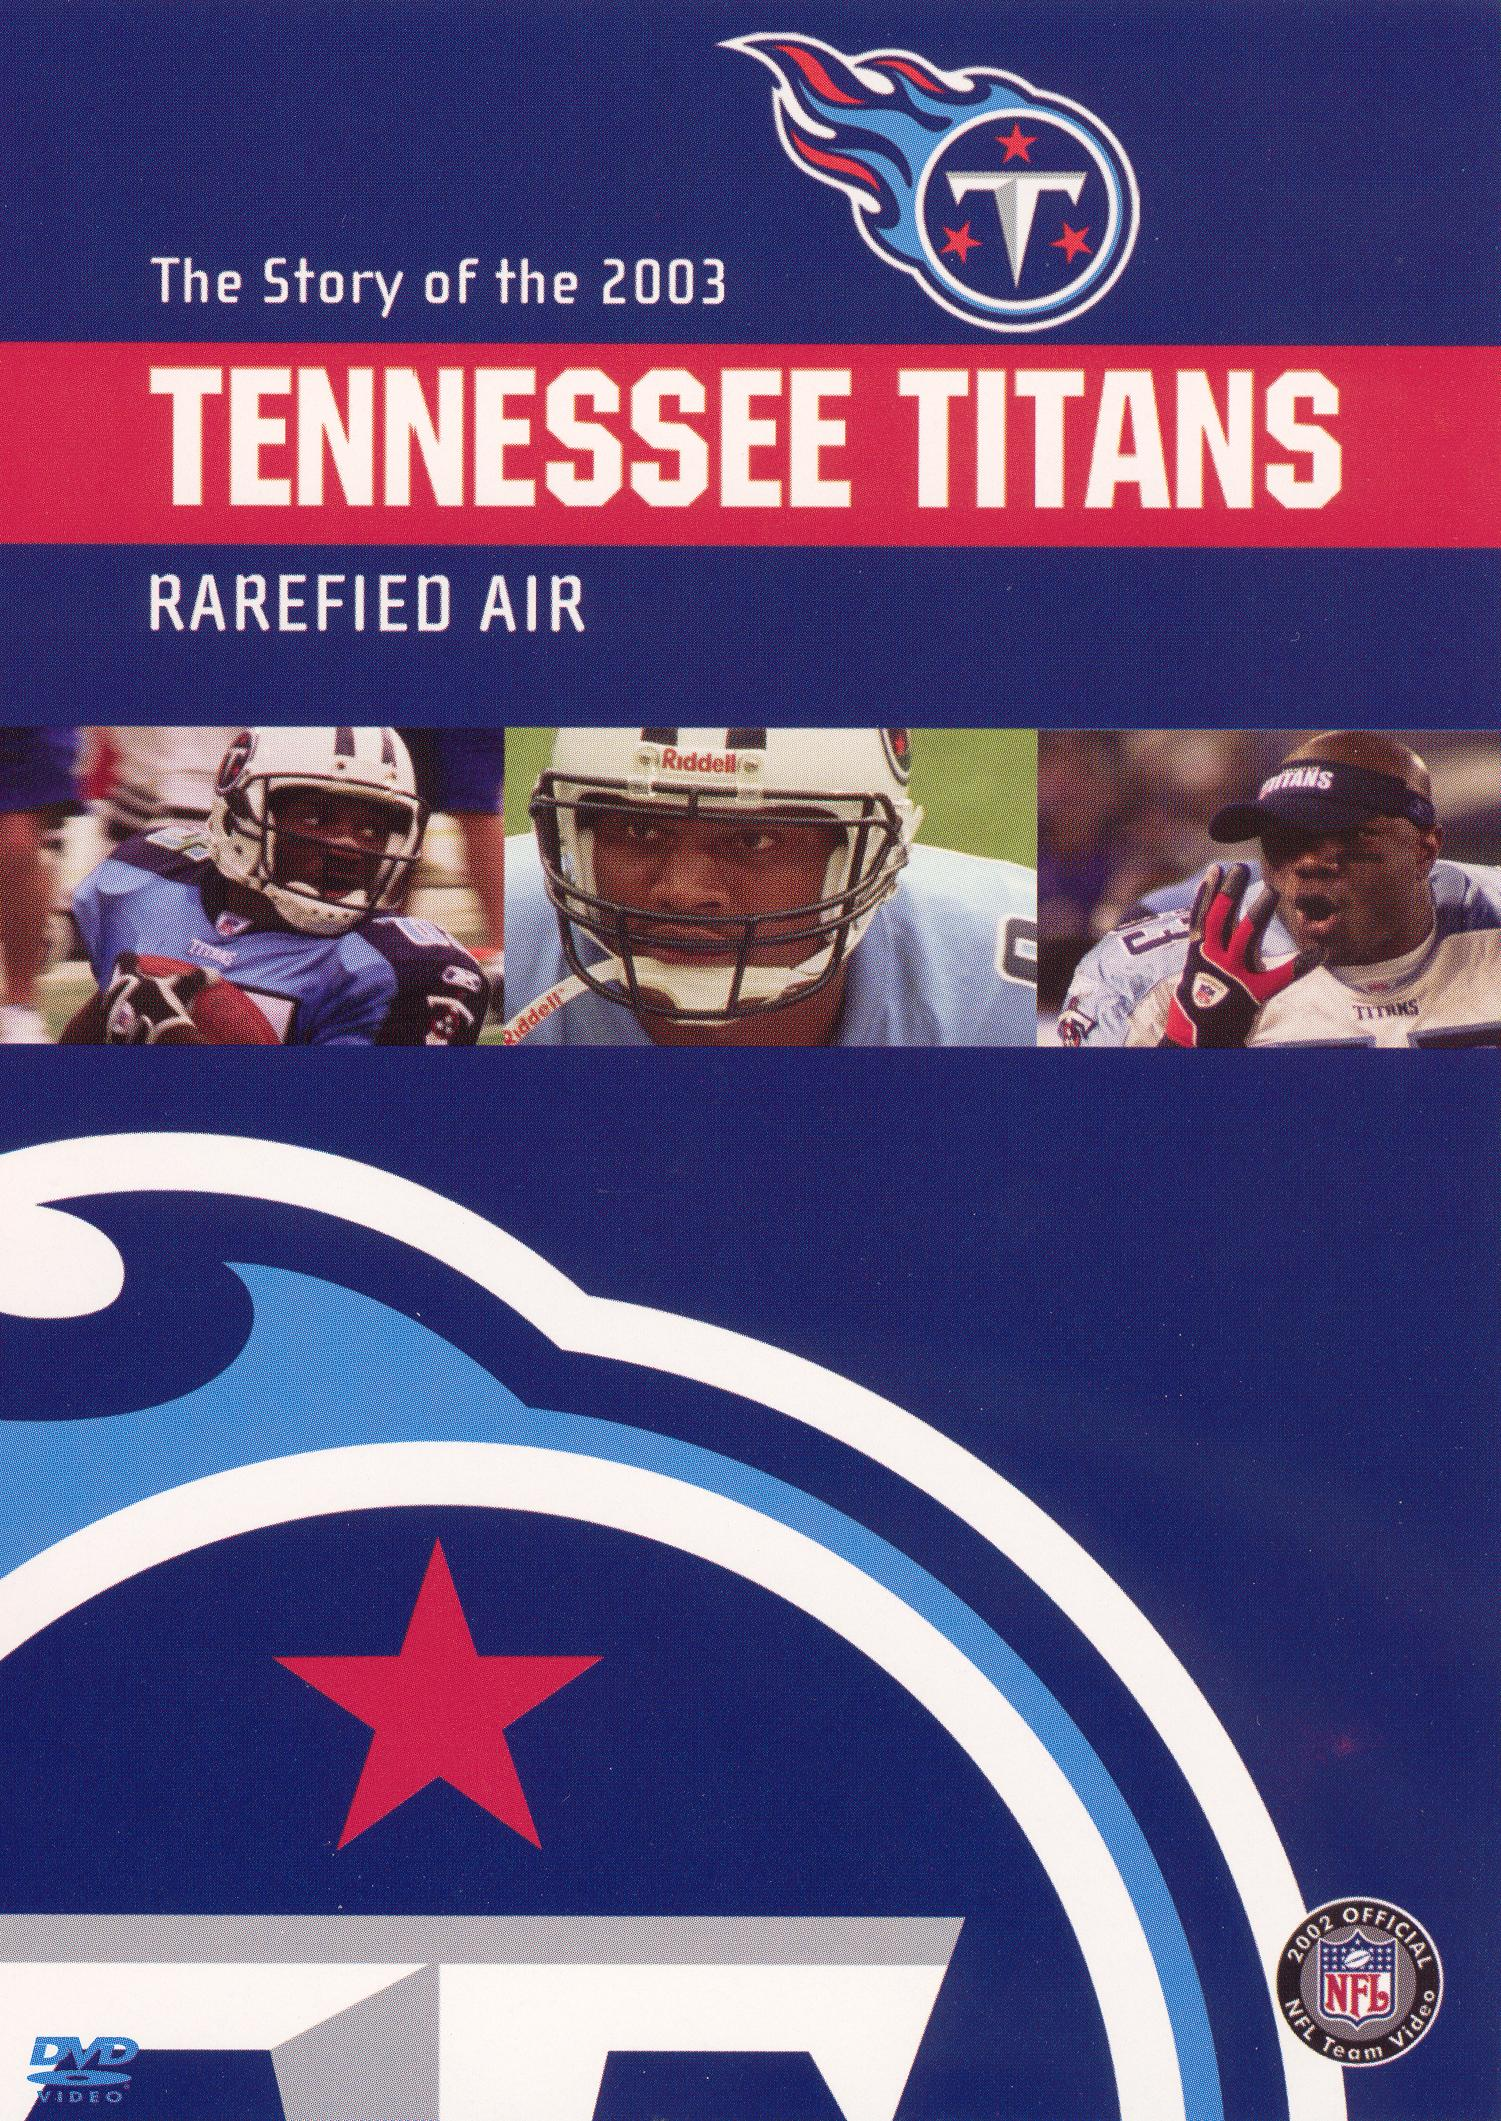 NFL: 2003 Tennessee Titans Team Video - Rarefied Air